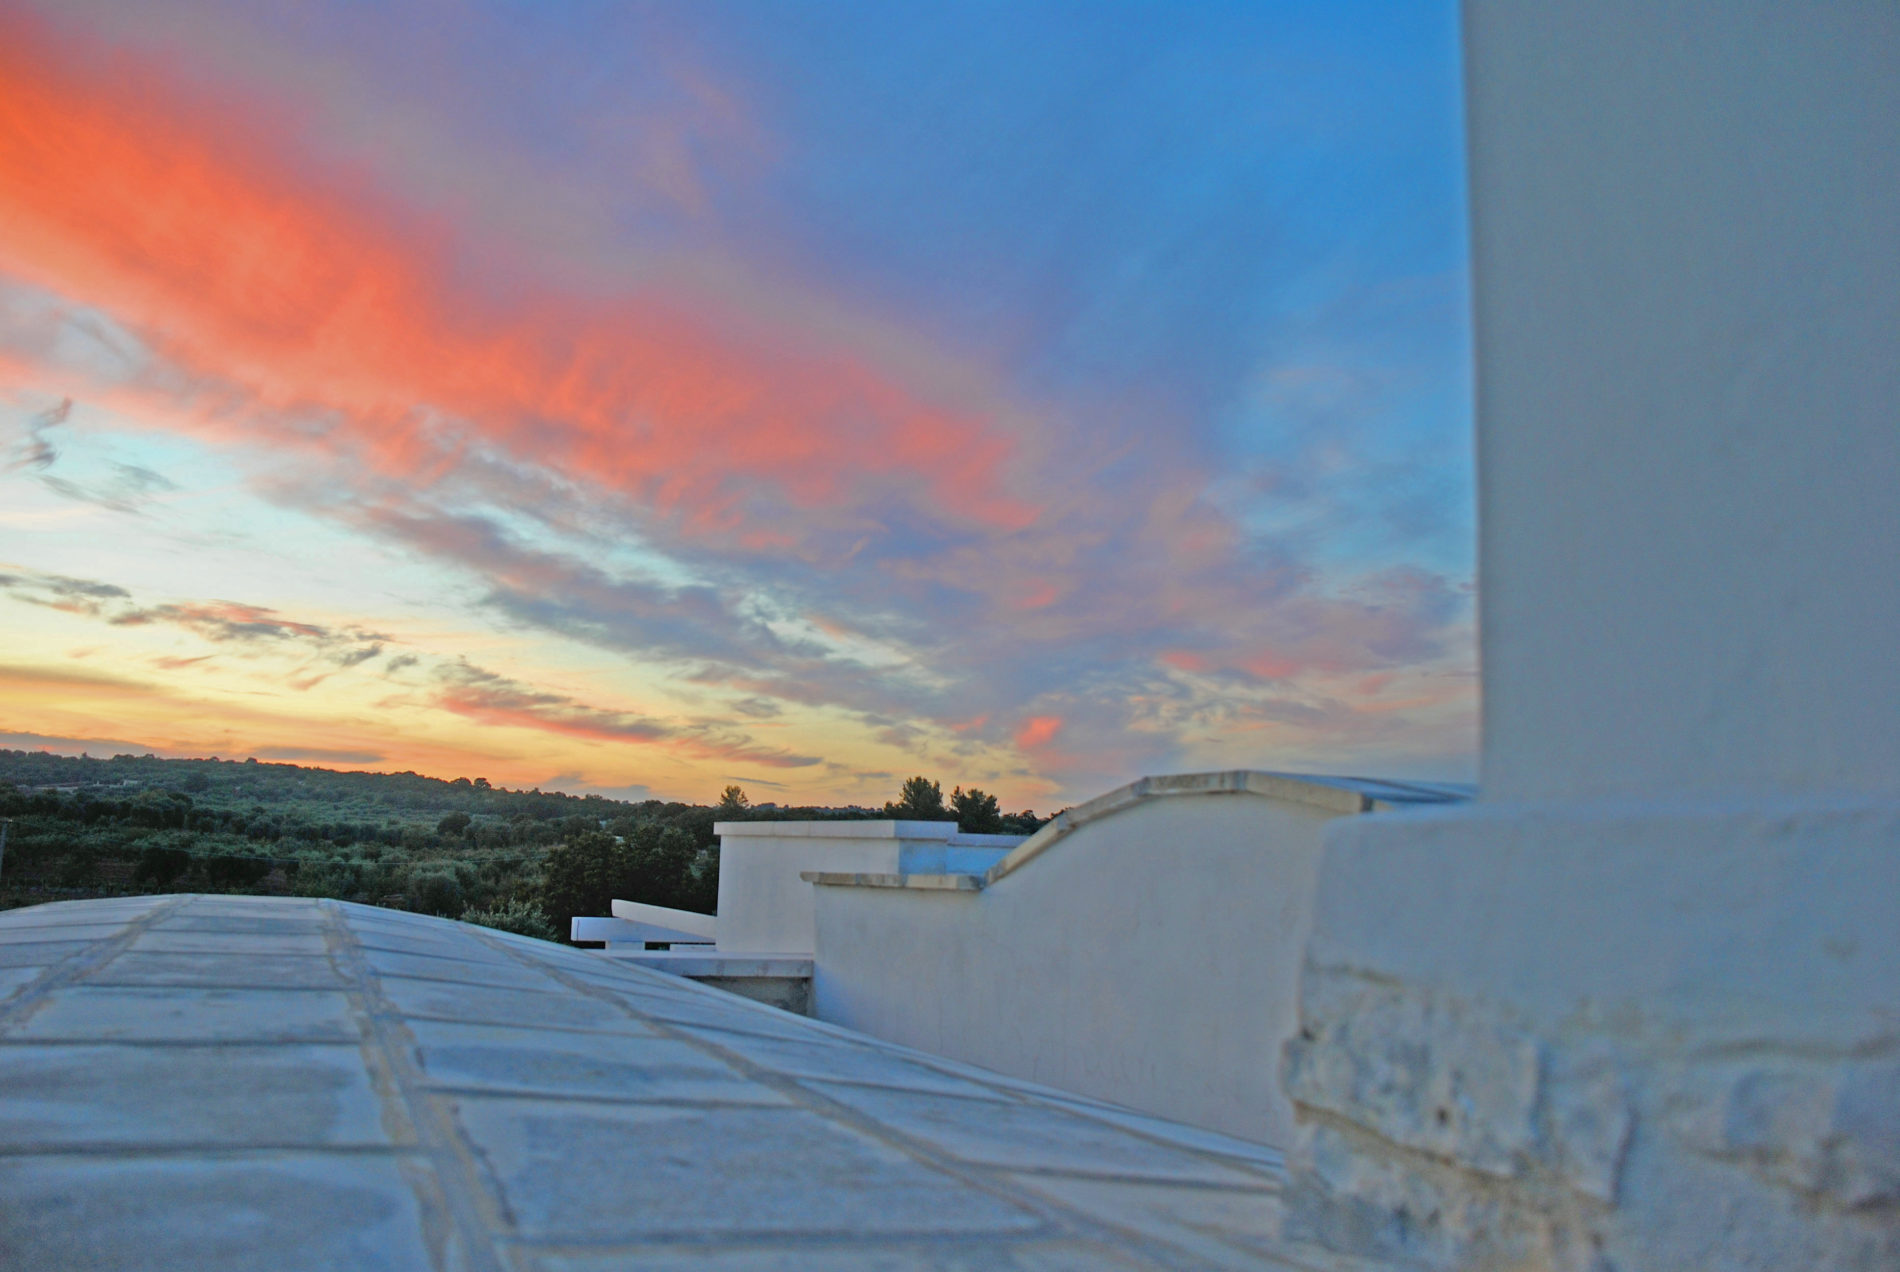 tramonto rosa dalla terrazza